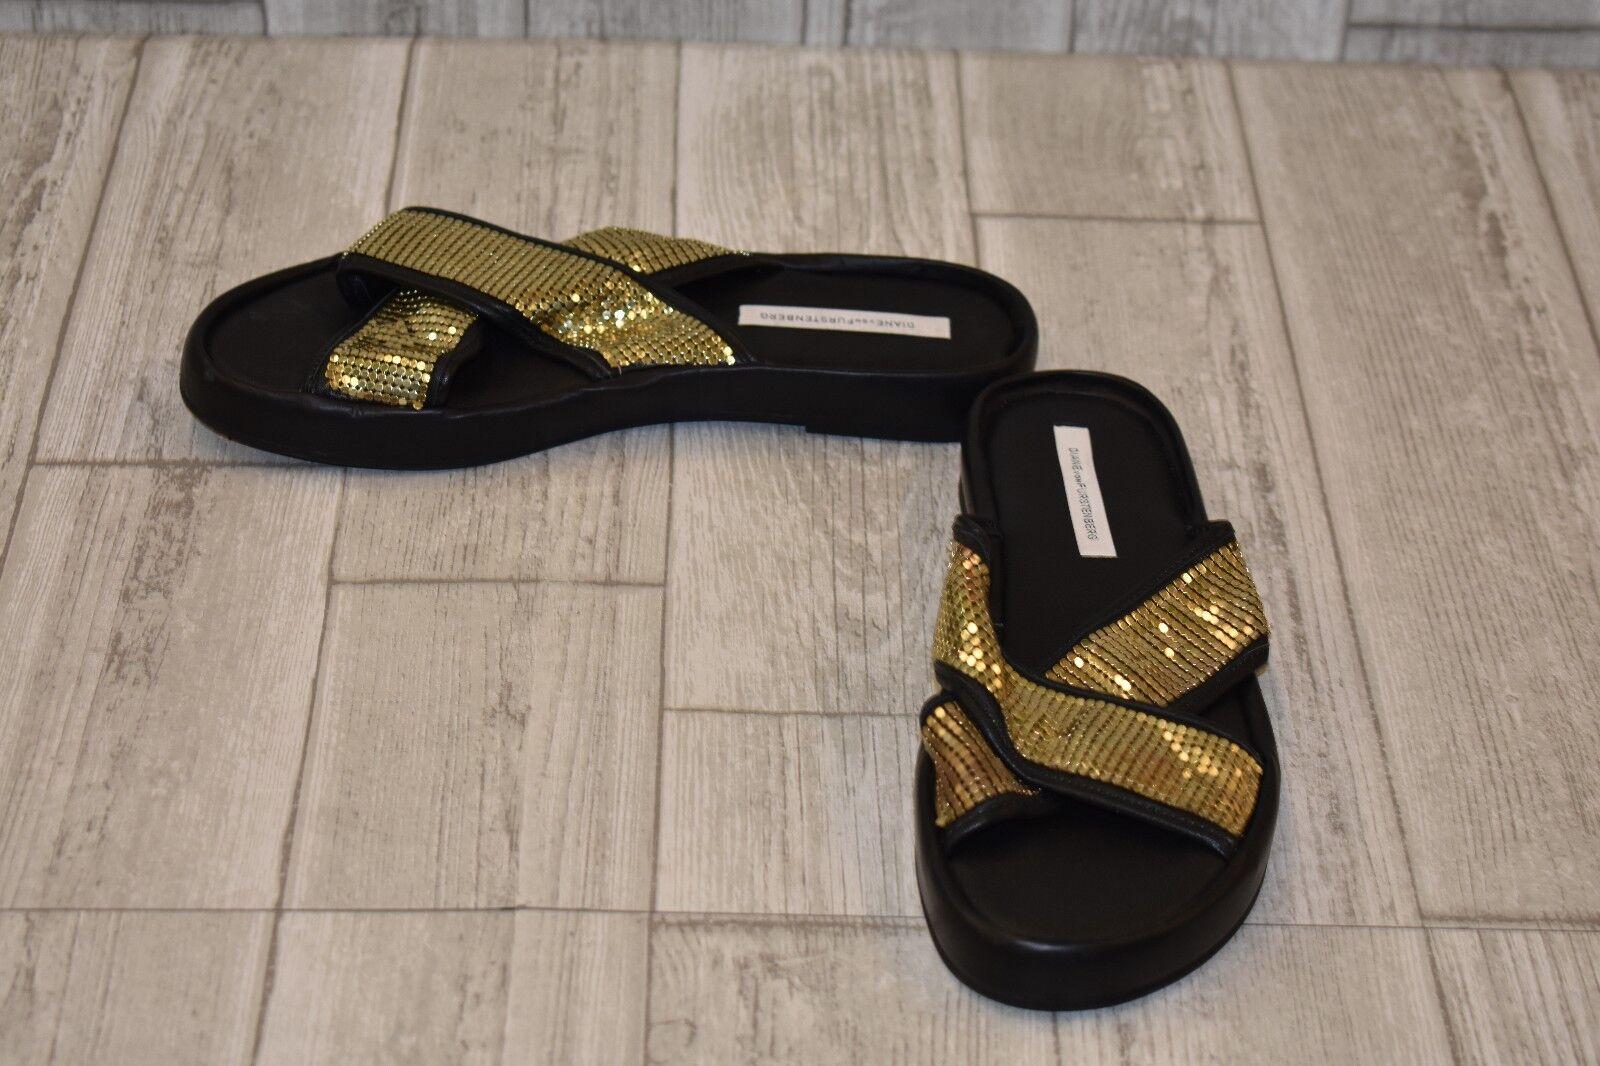 Diane von Furstenberg gold Shimmer Slides - Women's Size 10.5 - gold